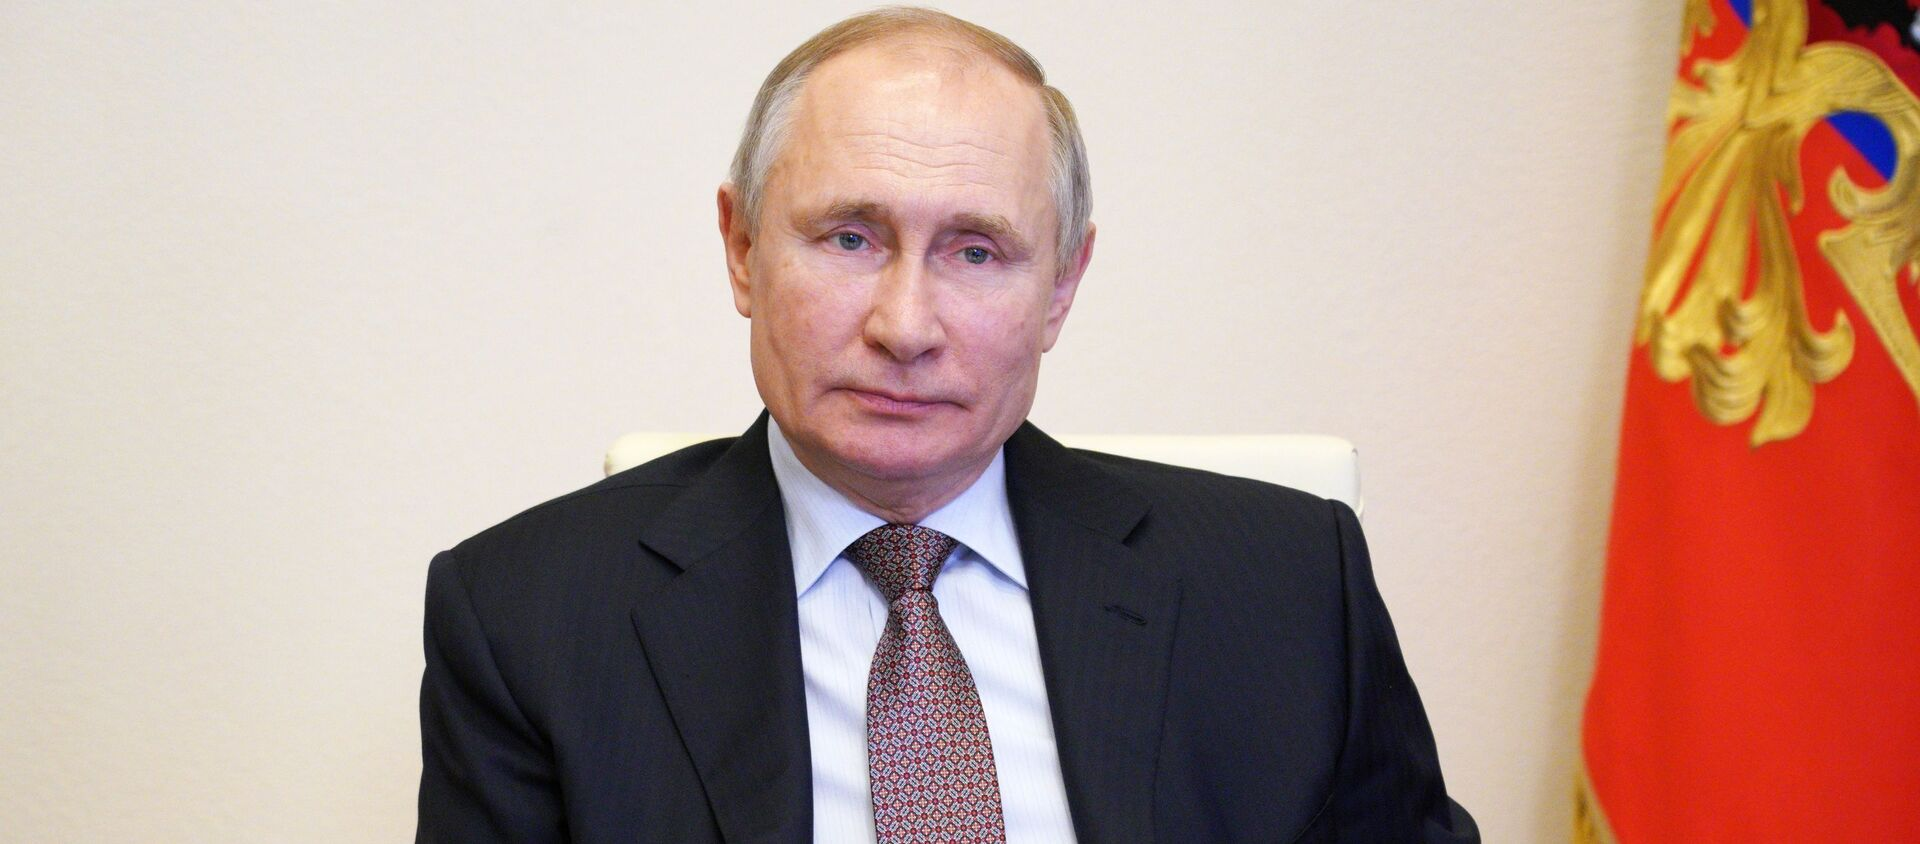 Президент РФ В. Путин принял участие в церемонии подписания соглашения между объединениями профсоюзов, работодателей и правительством РФ - Sputnik Абхазия, 1920, 09.04.2021